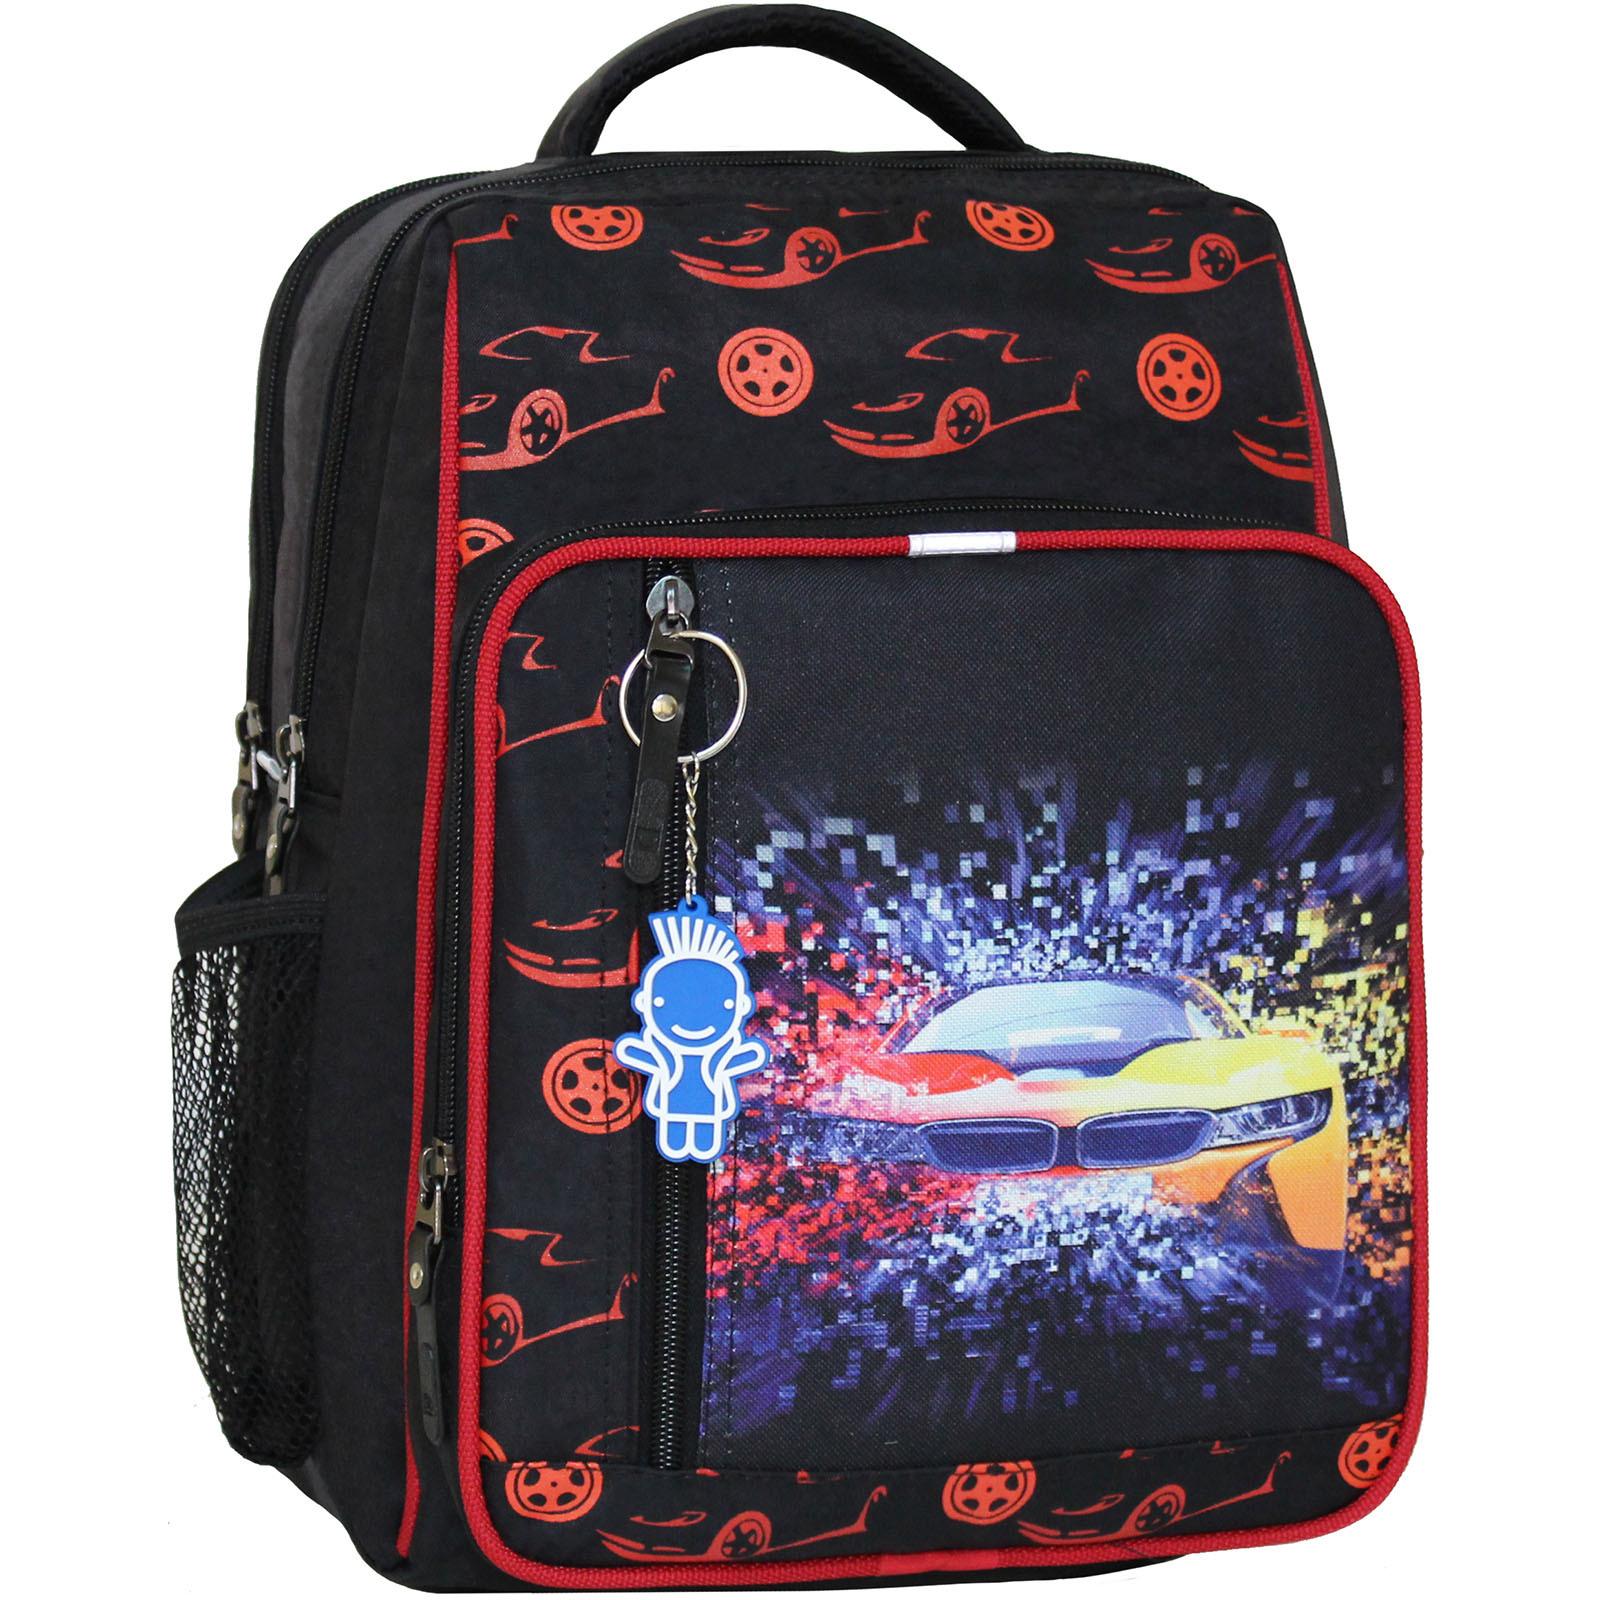 Школьные рюкзаки Рюкзак школьный Bagland Школьник 8 л. черный 417 (0012870) IMG_6563_417_.JPG